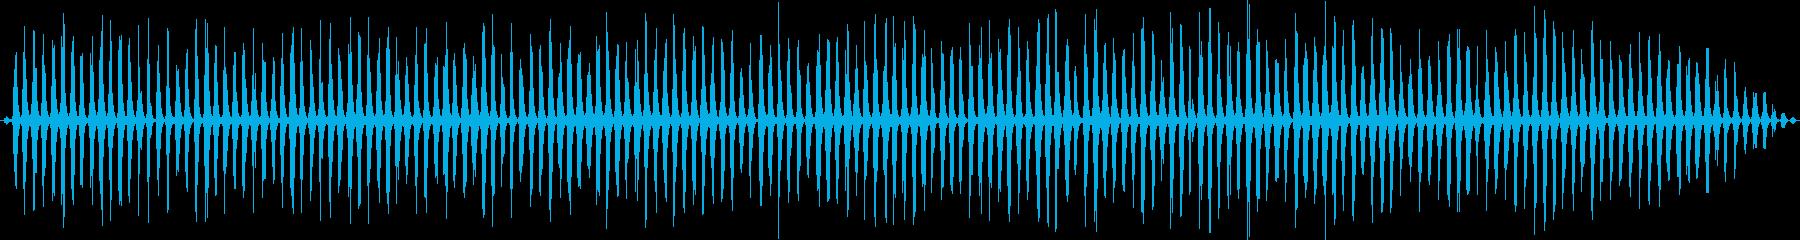 シミュレートされたヘリコプター:ラ...の再生済みの波形